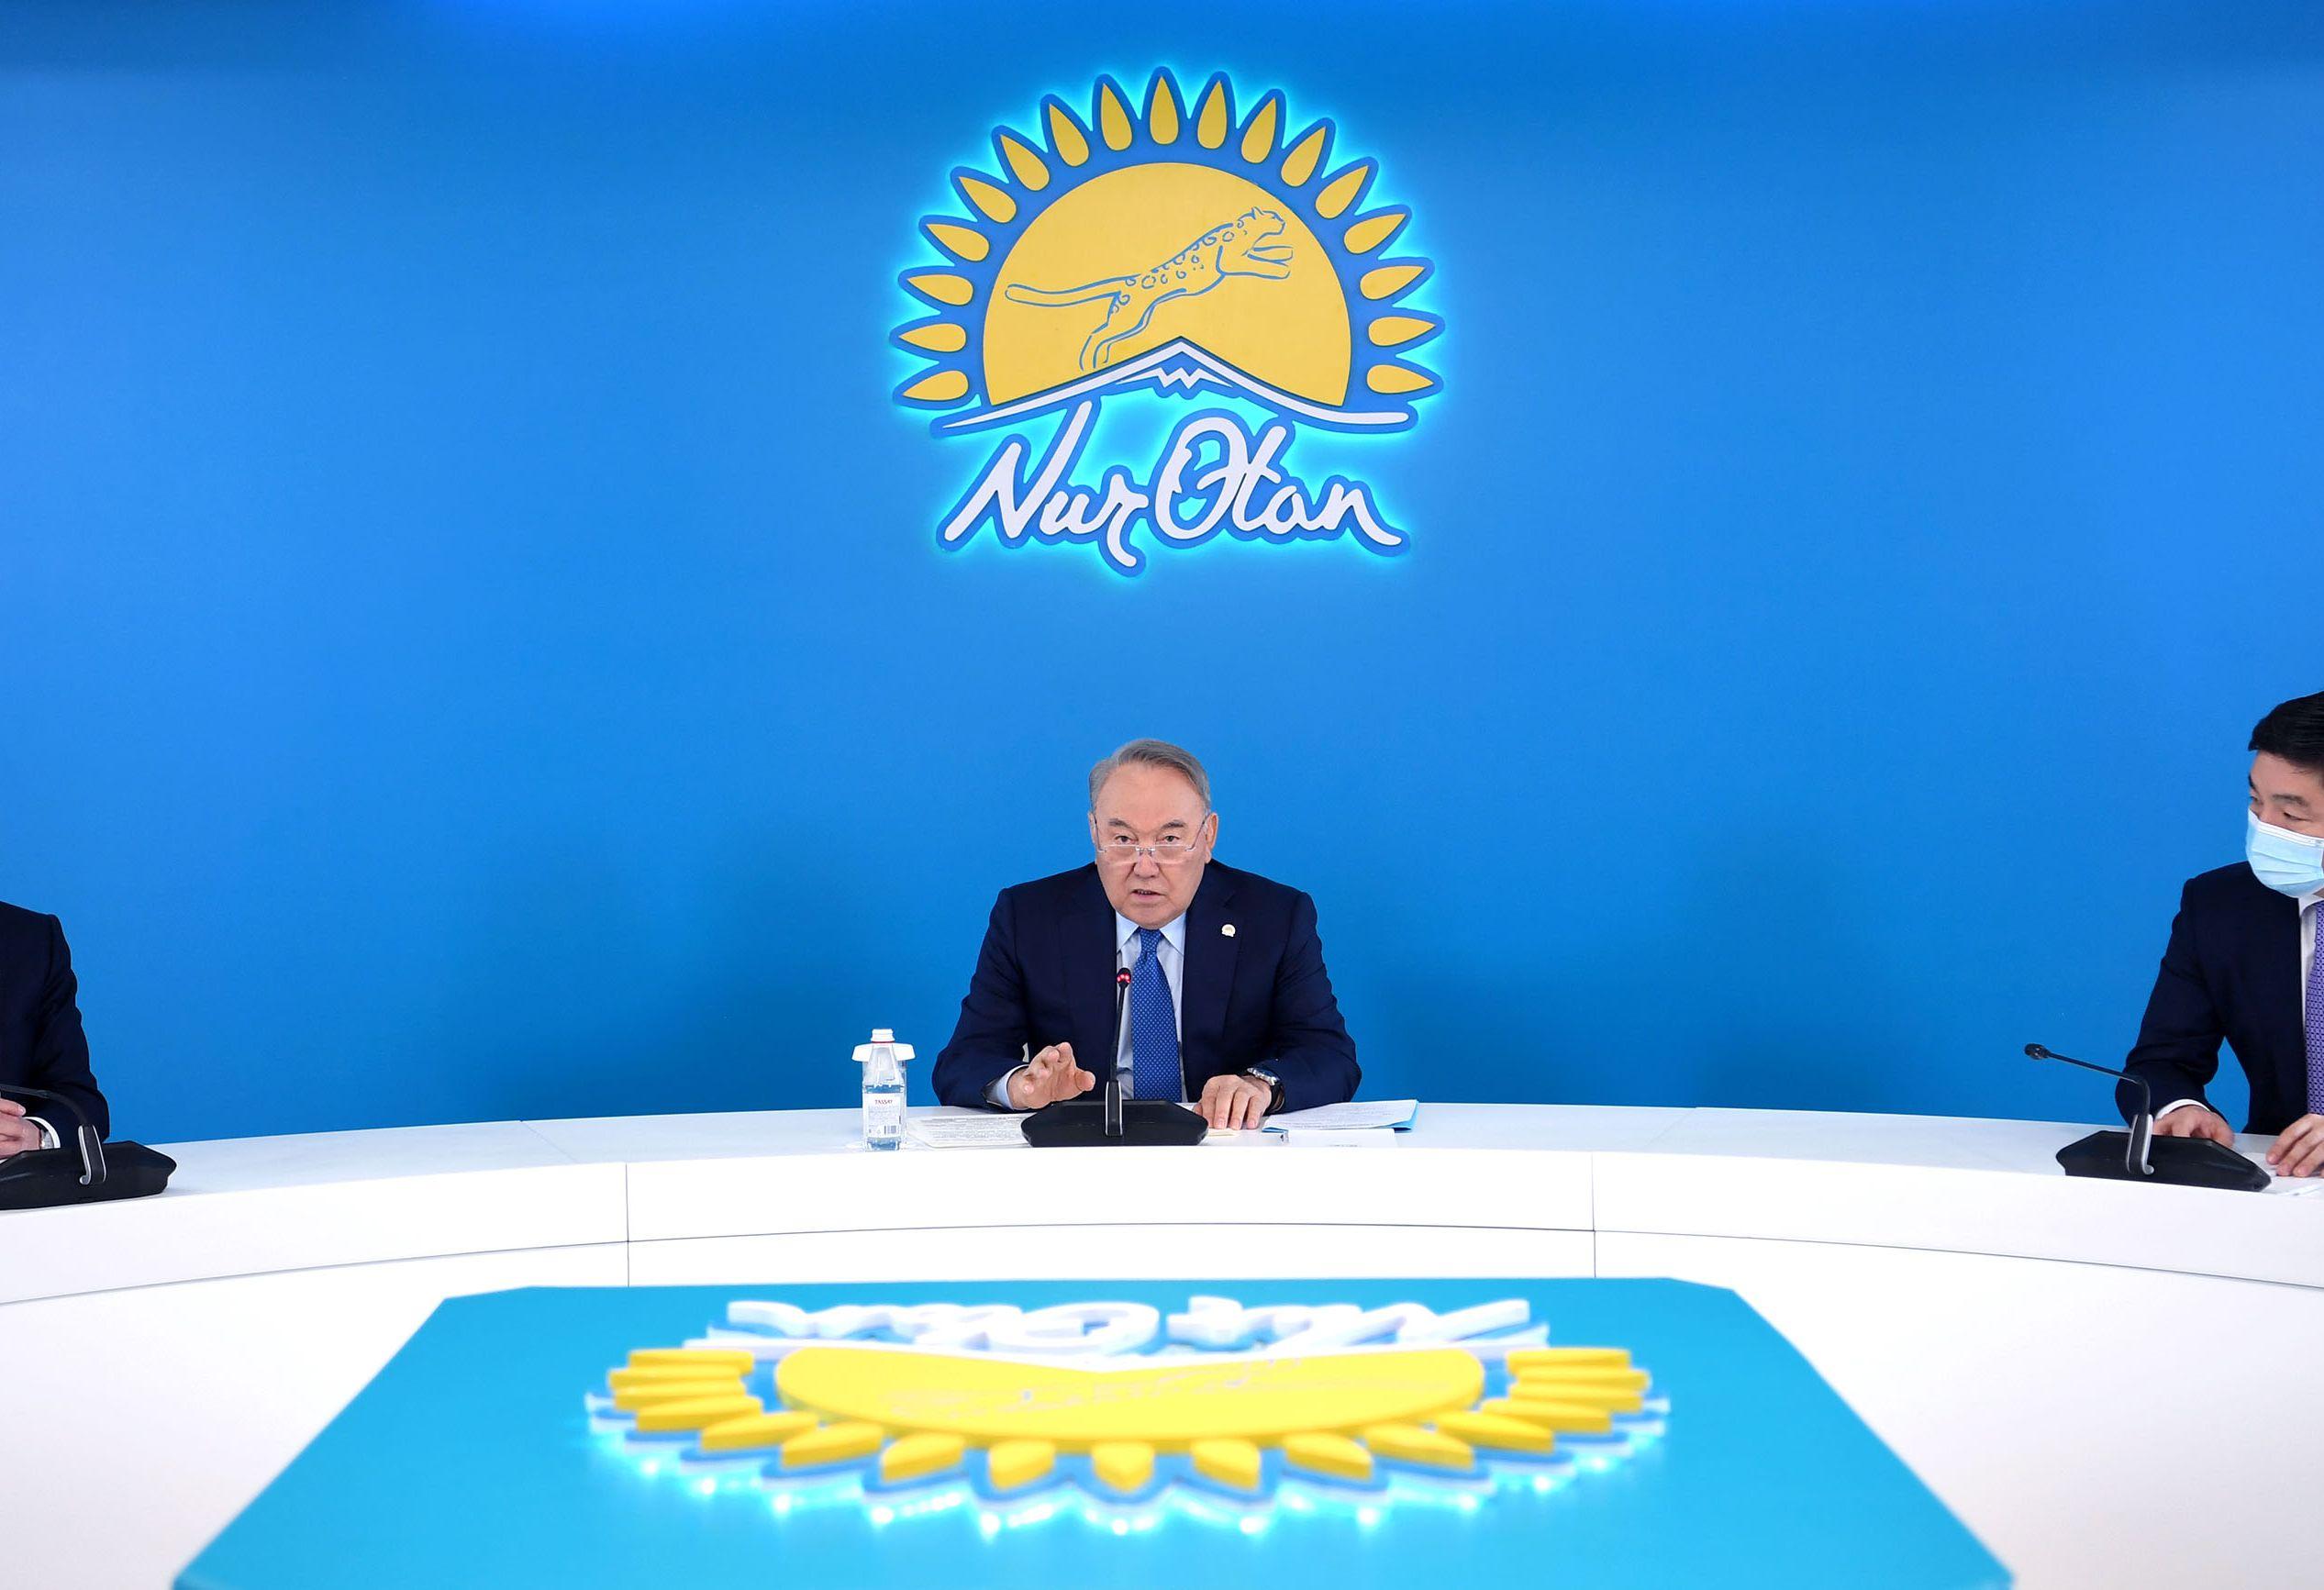 Нурсултан Назарбаев: Следует сохранить преемственность- Kapital.kz